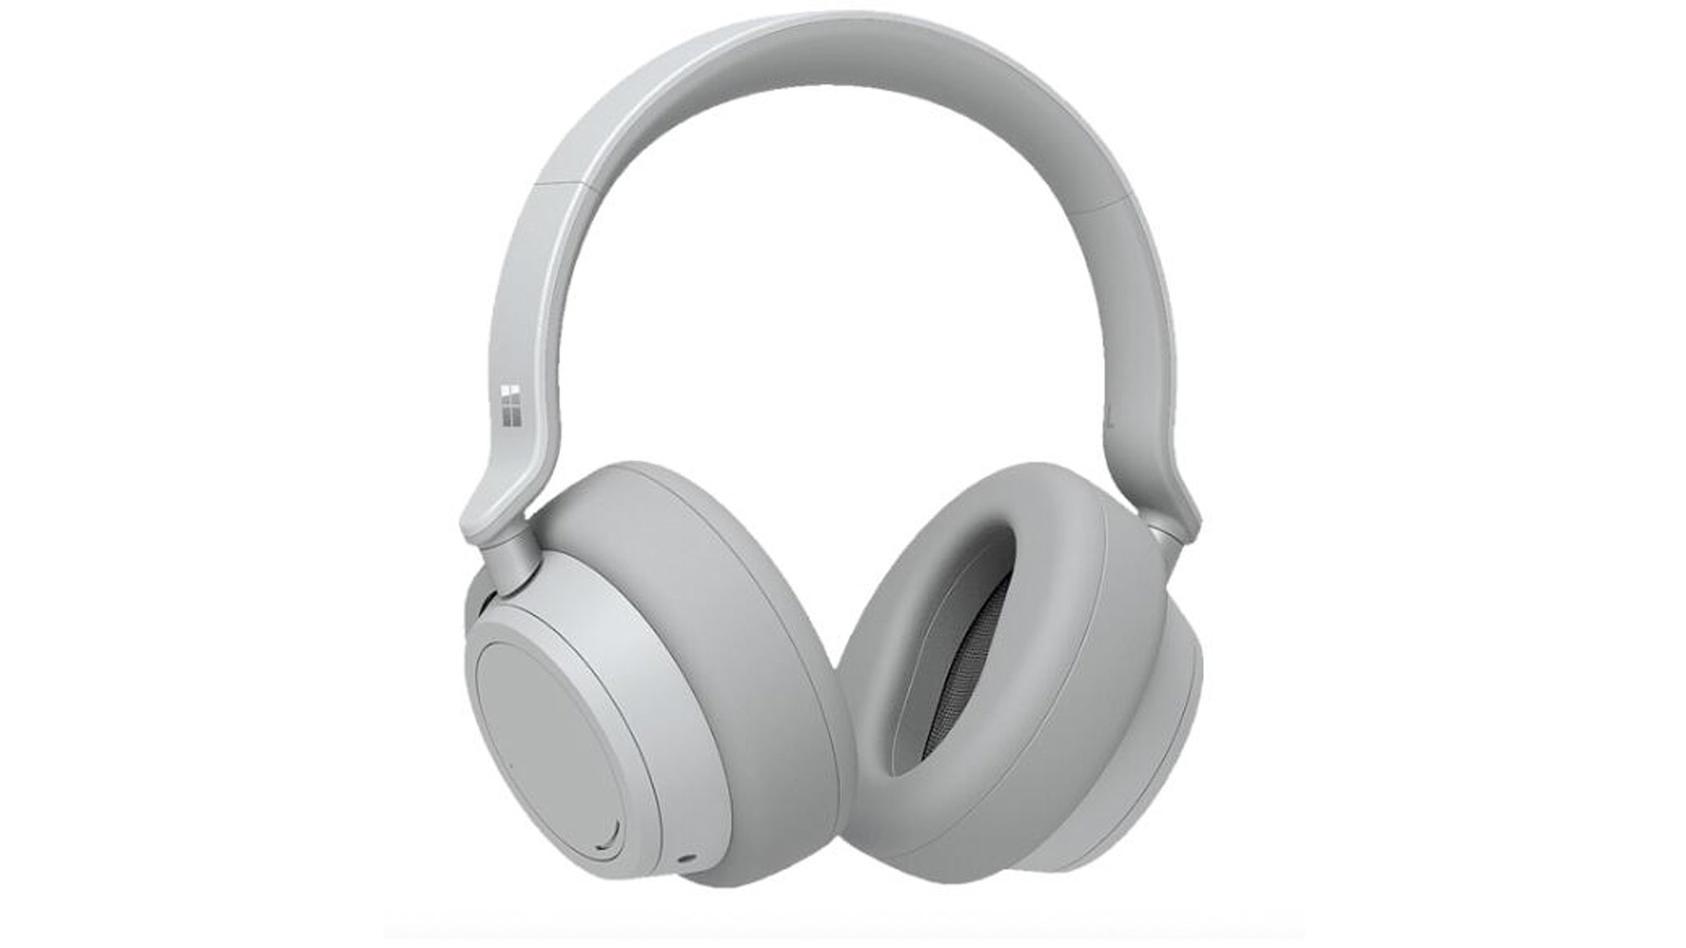 Die Microsoft Surface Headphones der ersten Generation gibt es jetzt günstiger bei Media Markt.